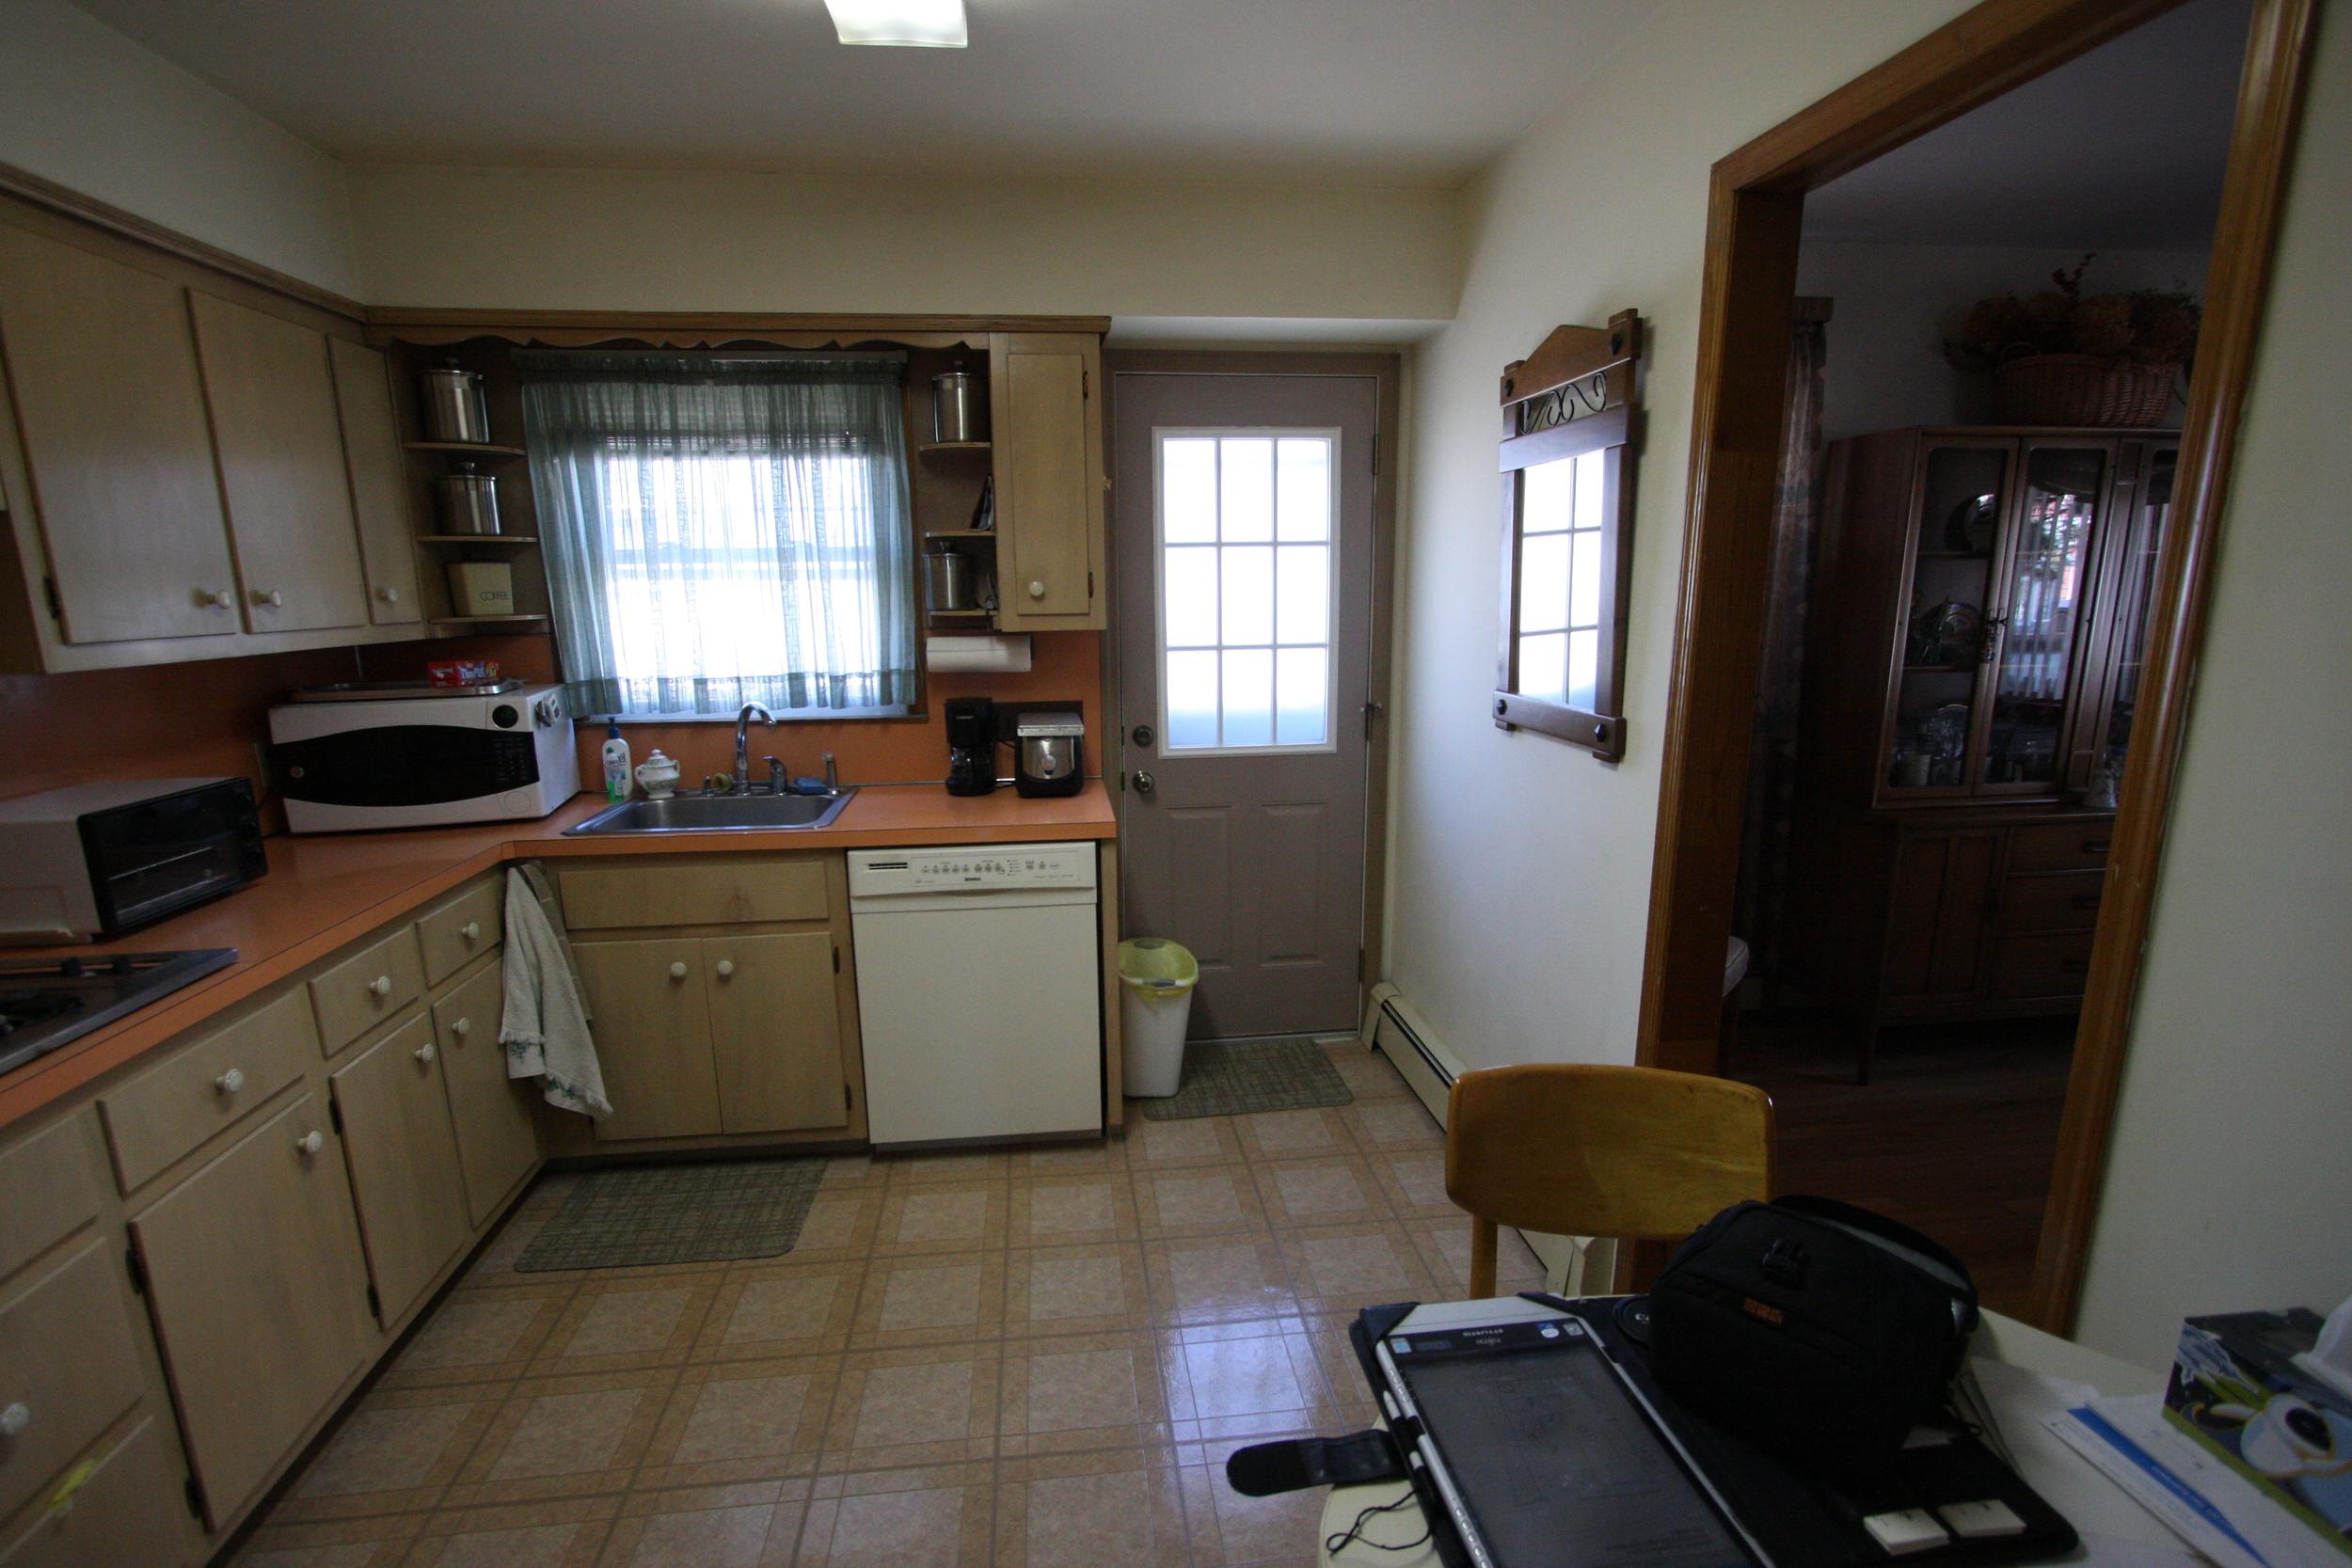 Masterson kitchen 2-17-11 016.jpg